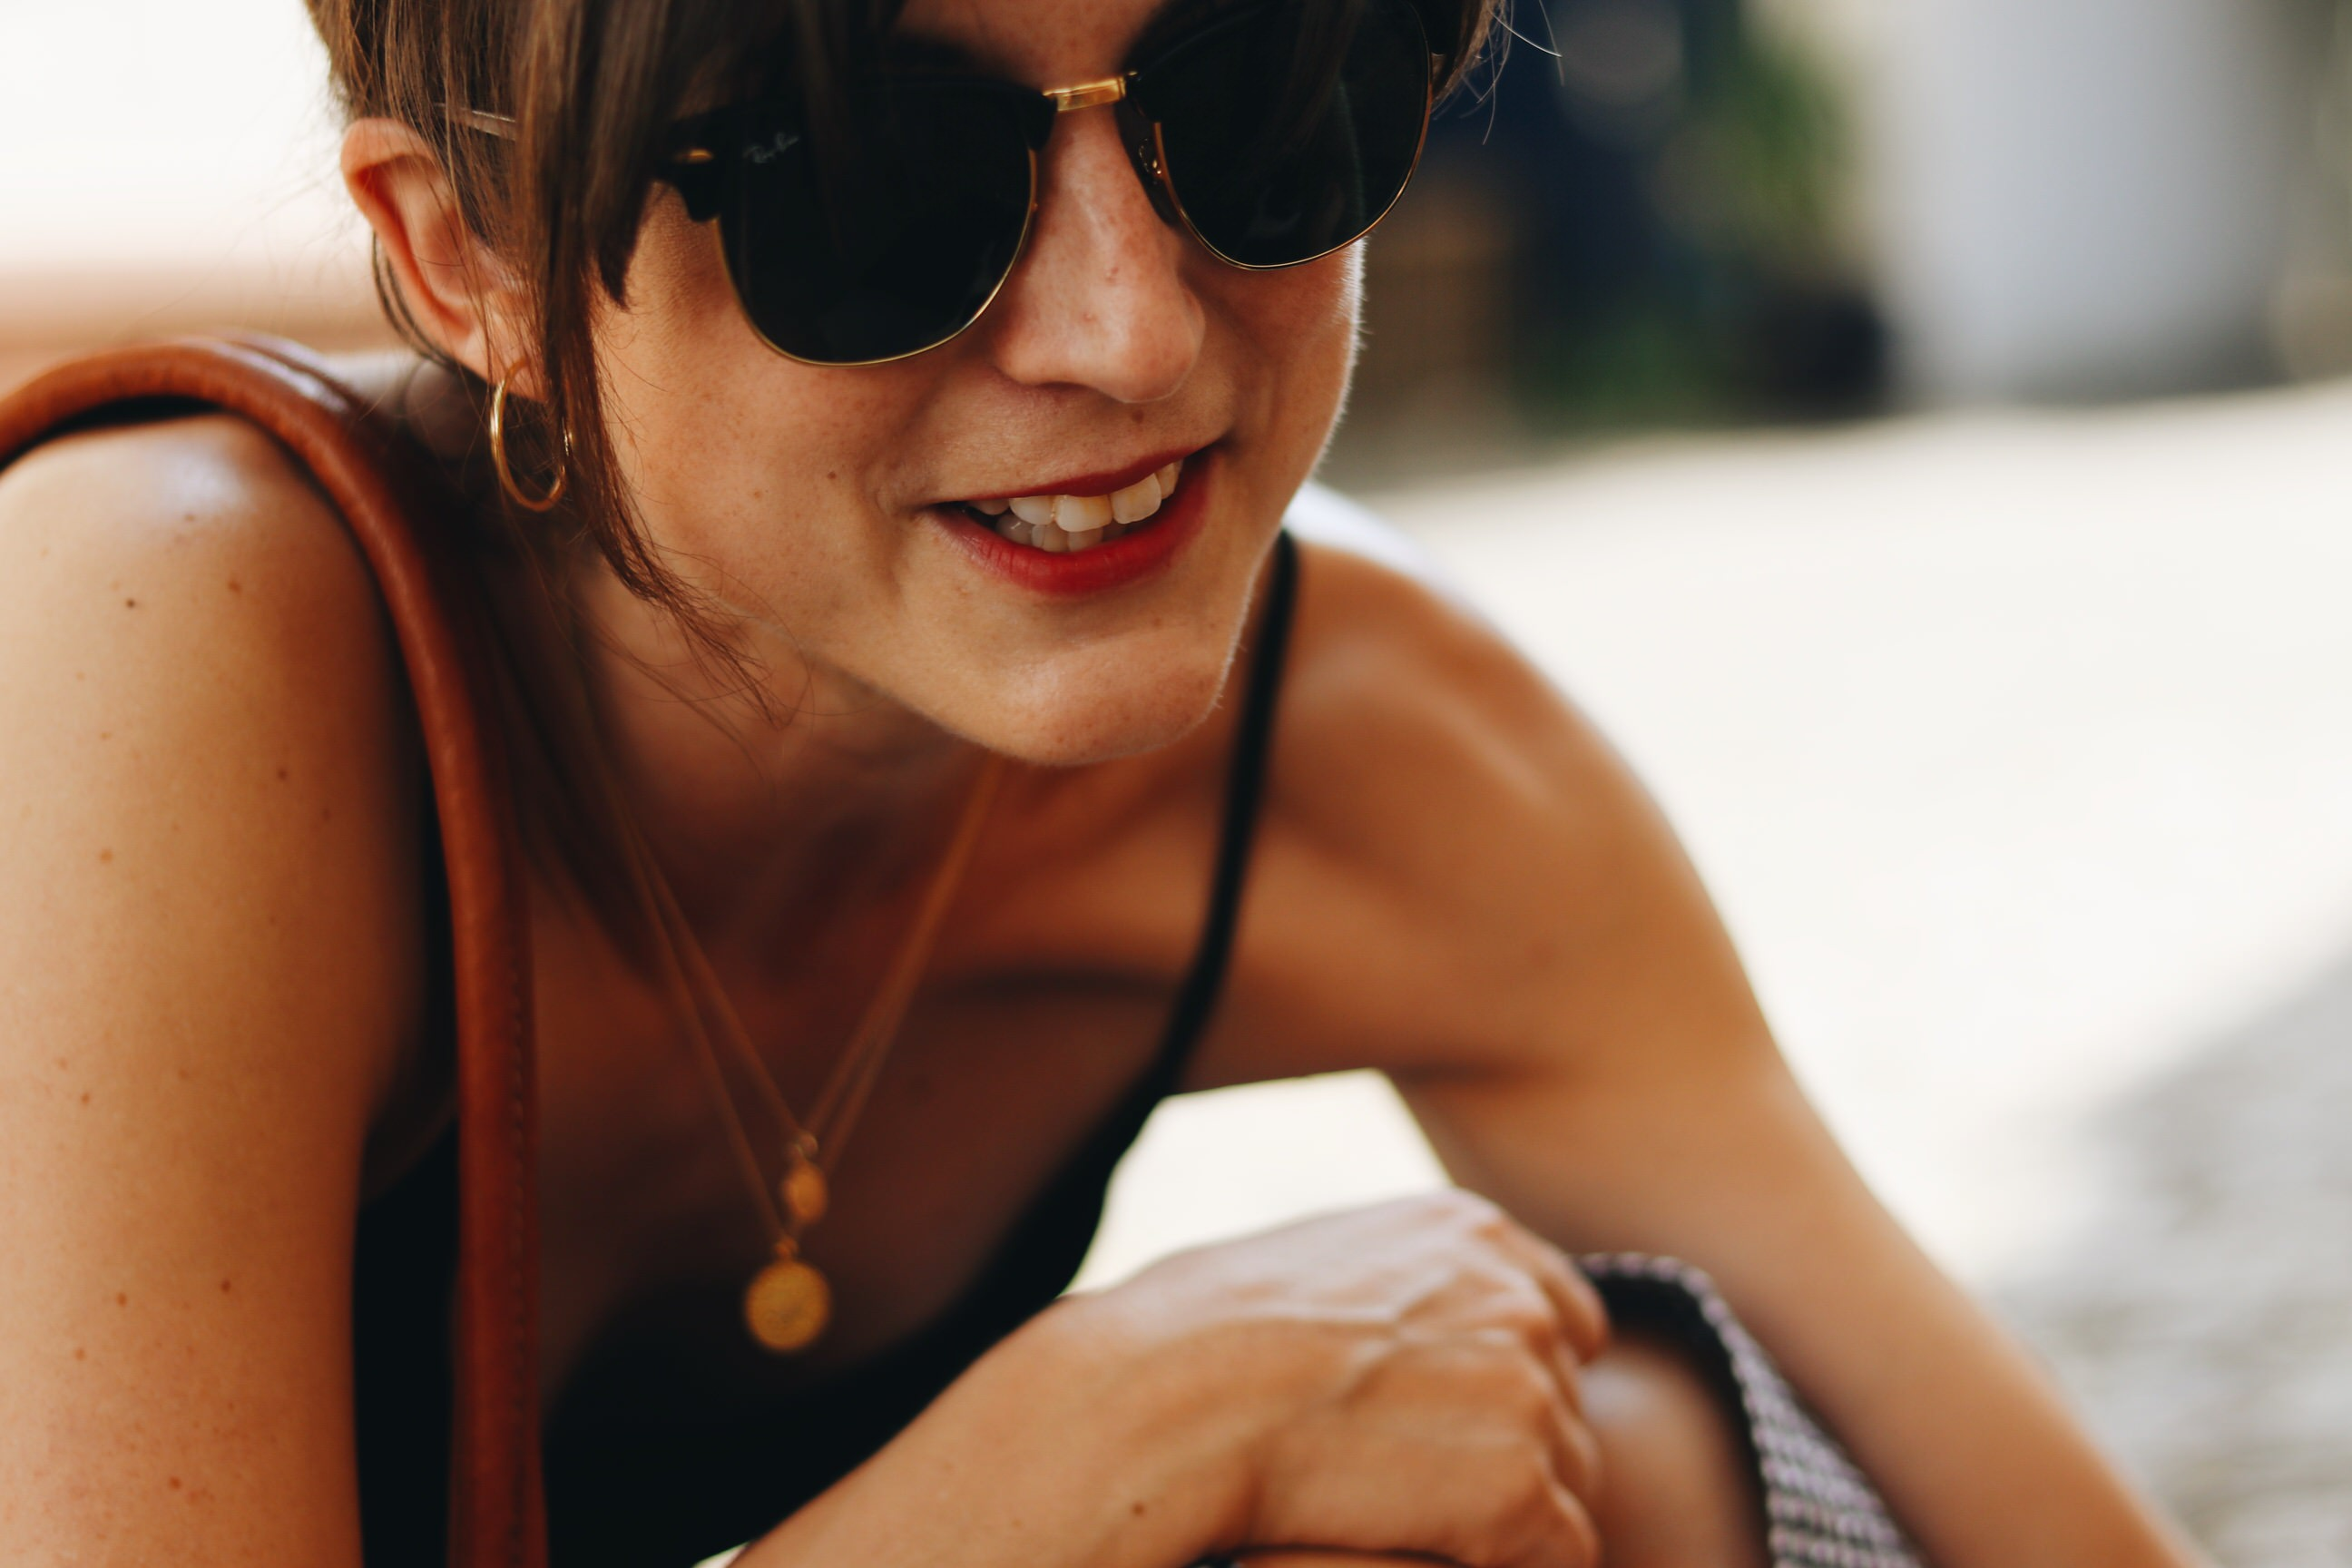 Neele Modebloggerin deutsch top 10 Sommeroutfit Mode Blog